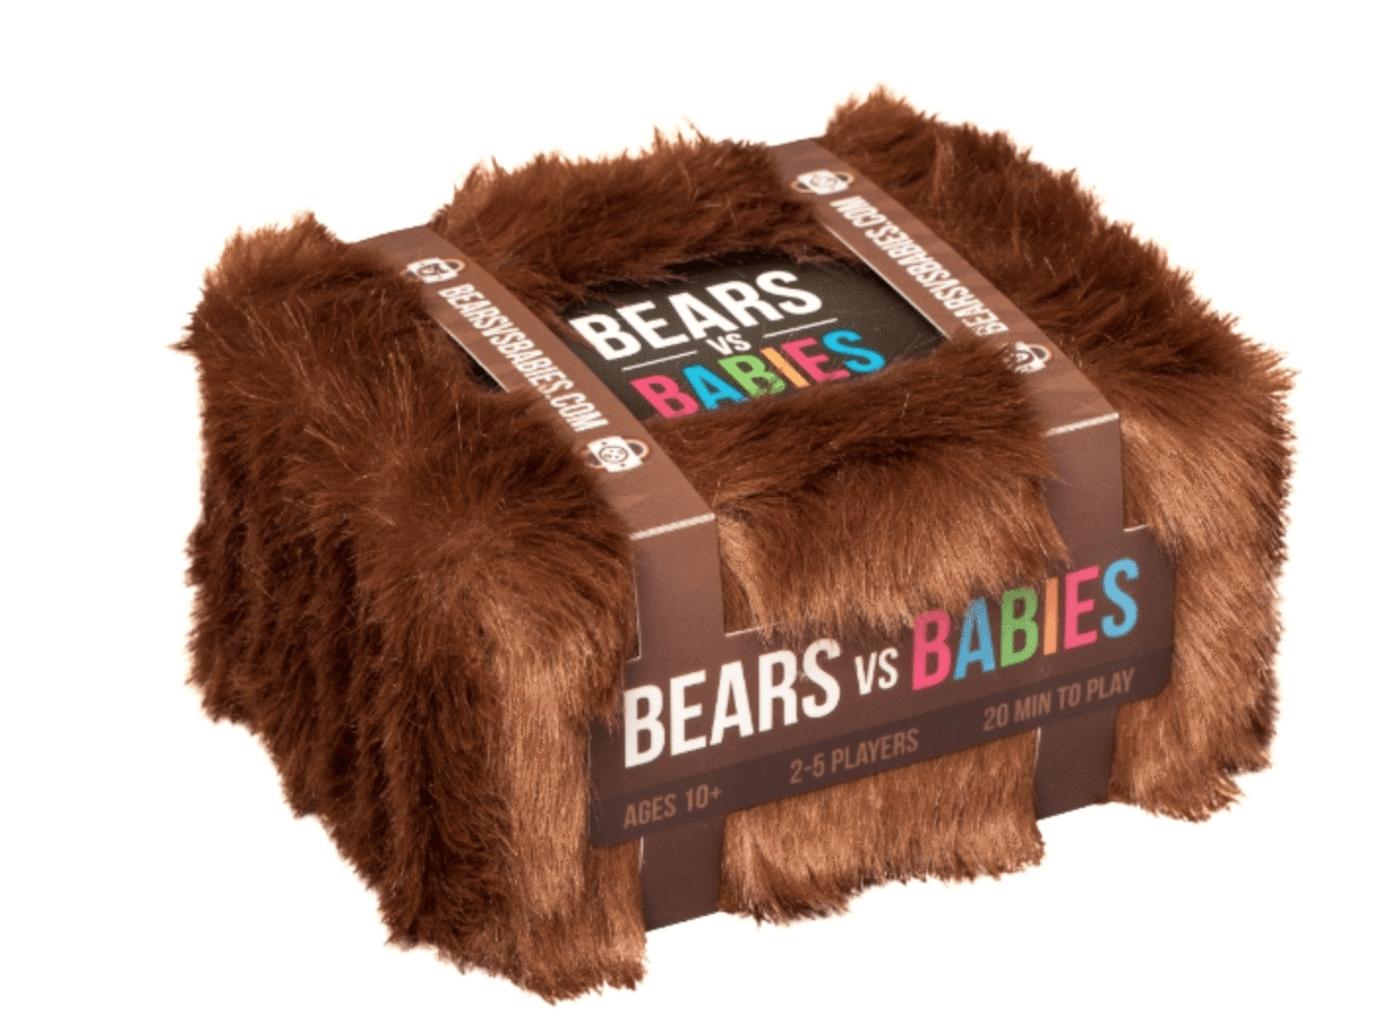 Box de Bears vs Babies - Magicsur Chile